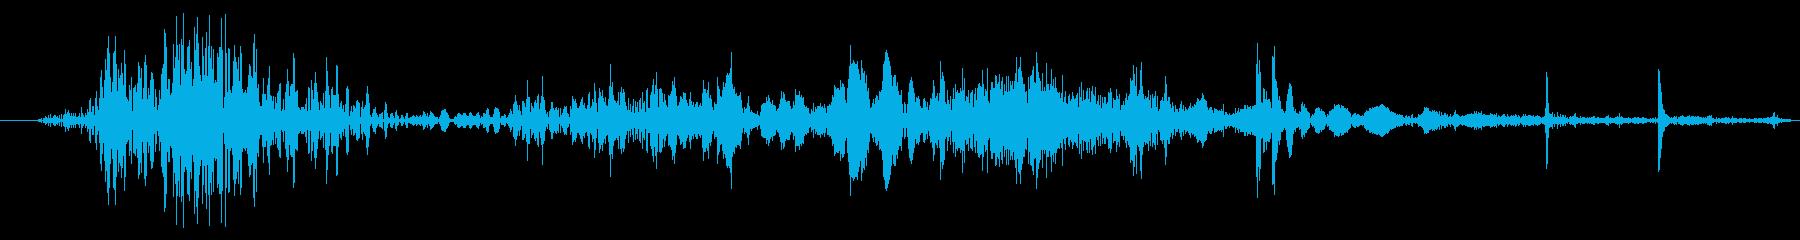 スパイダー モンスター タップ 通常の再生済みの波形